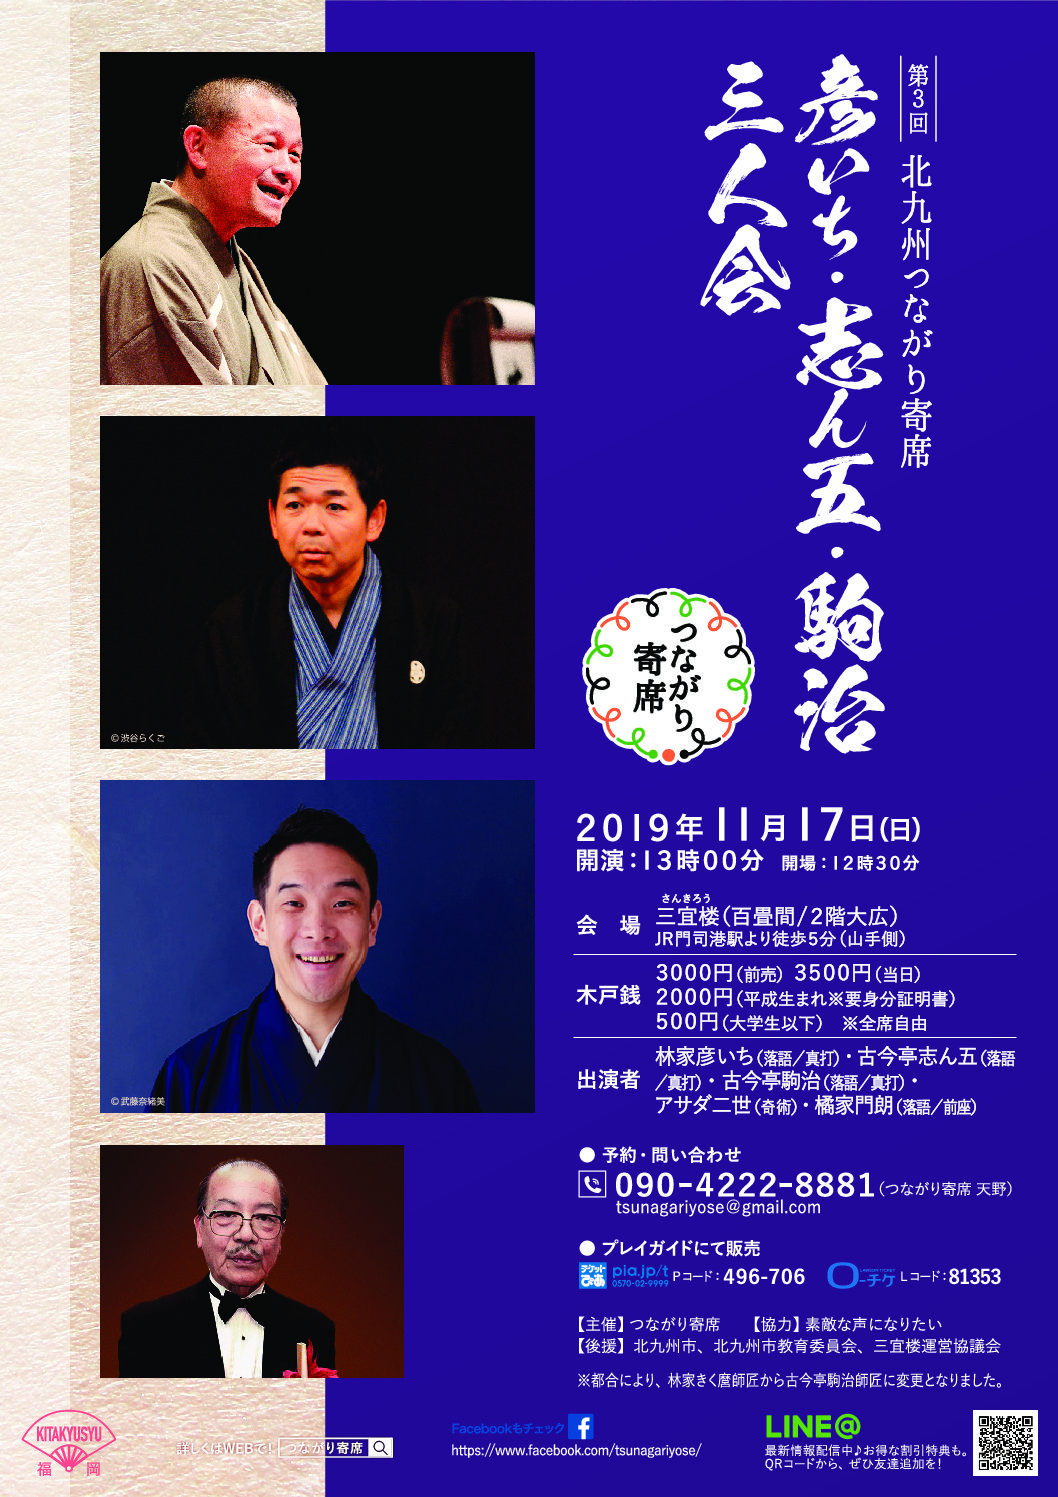 【11月17日開催】第3回北九州つながり寄席「彦いち・志ん五・駒治 三人会」